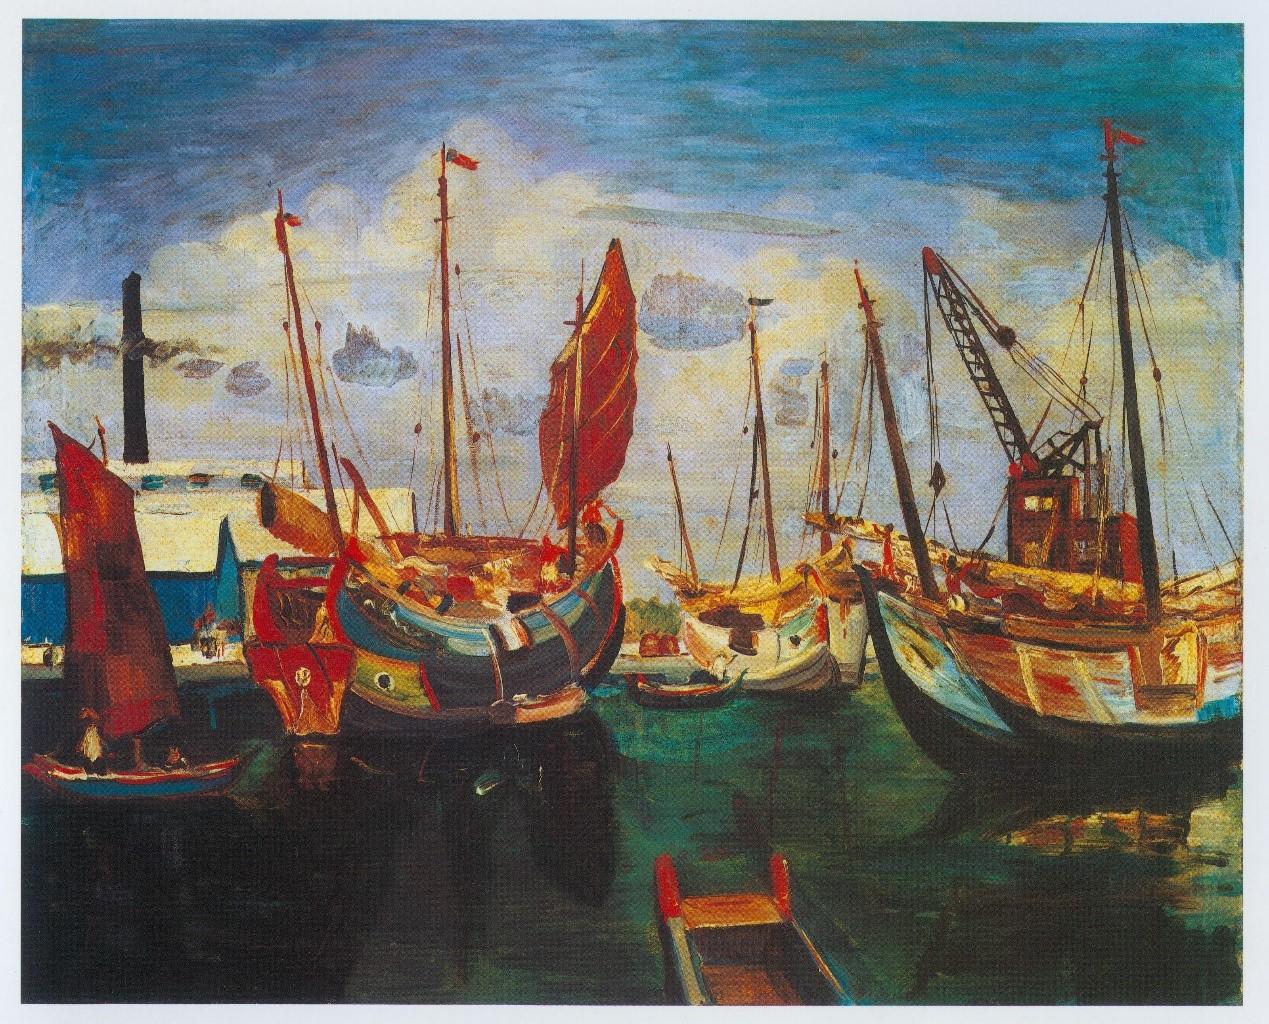 【名單之後】橫渡兩場相隔七十六年的展覽,一艘航向遠方的船:名島貢與他的《戎克船》